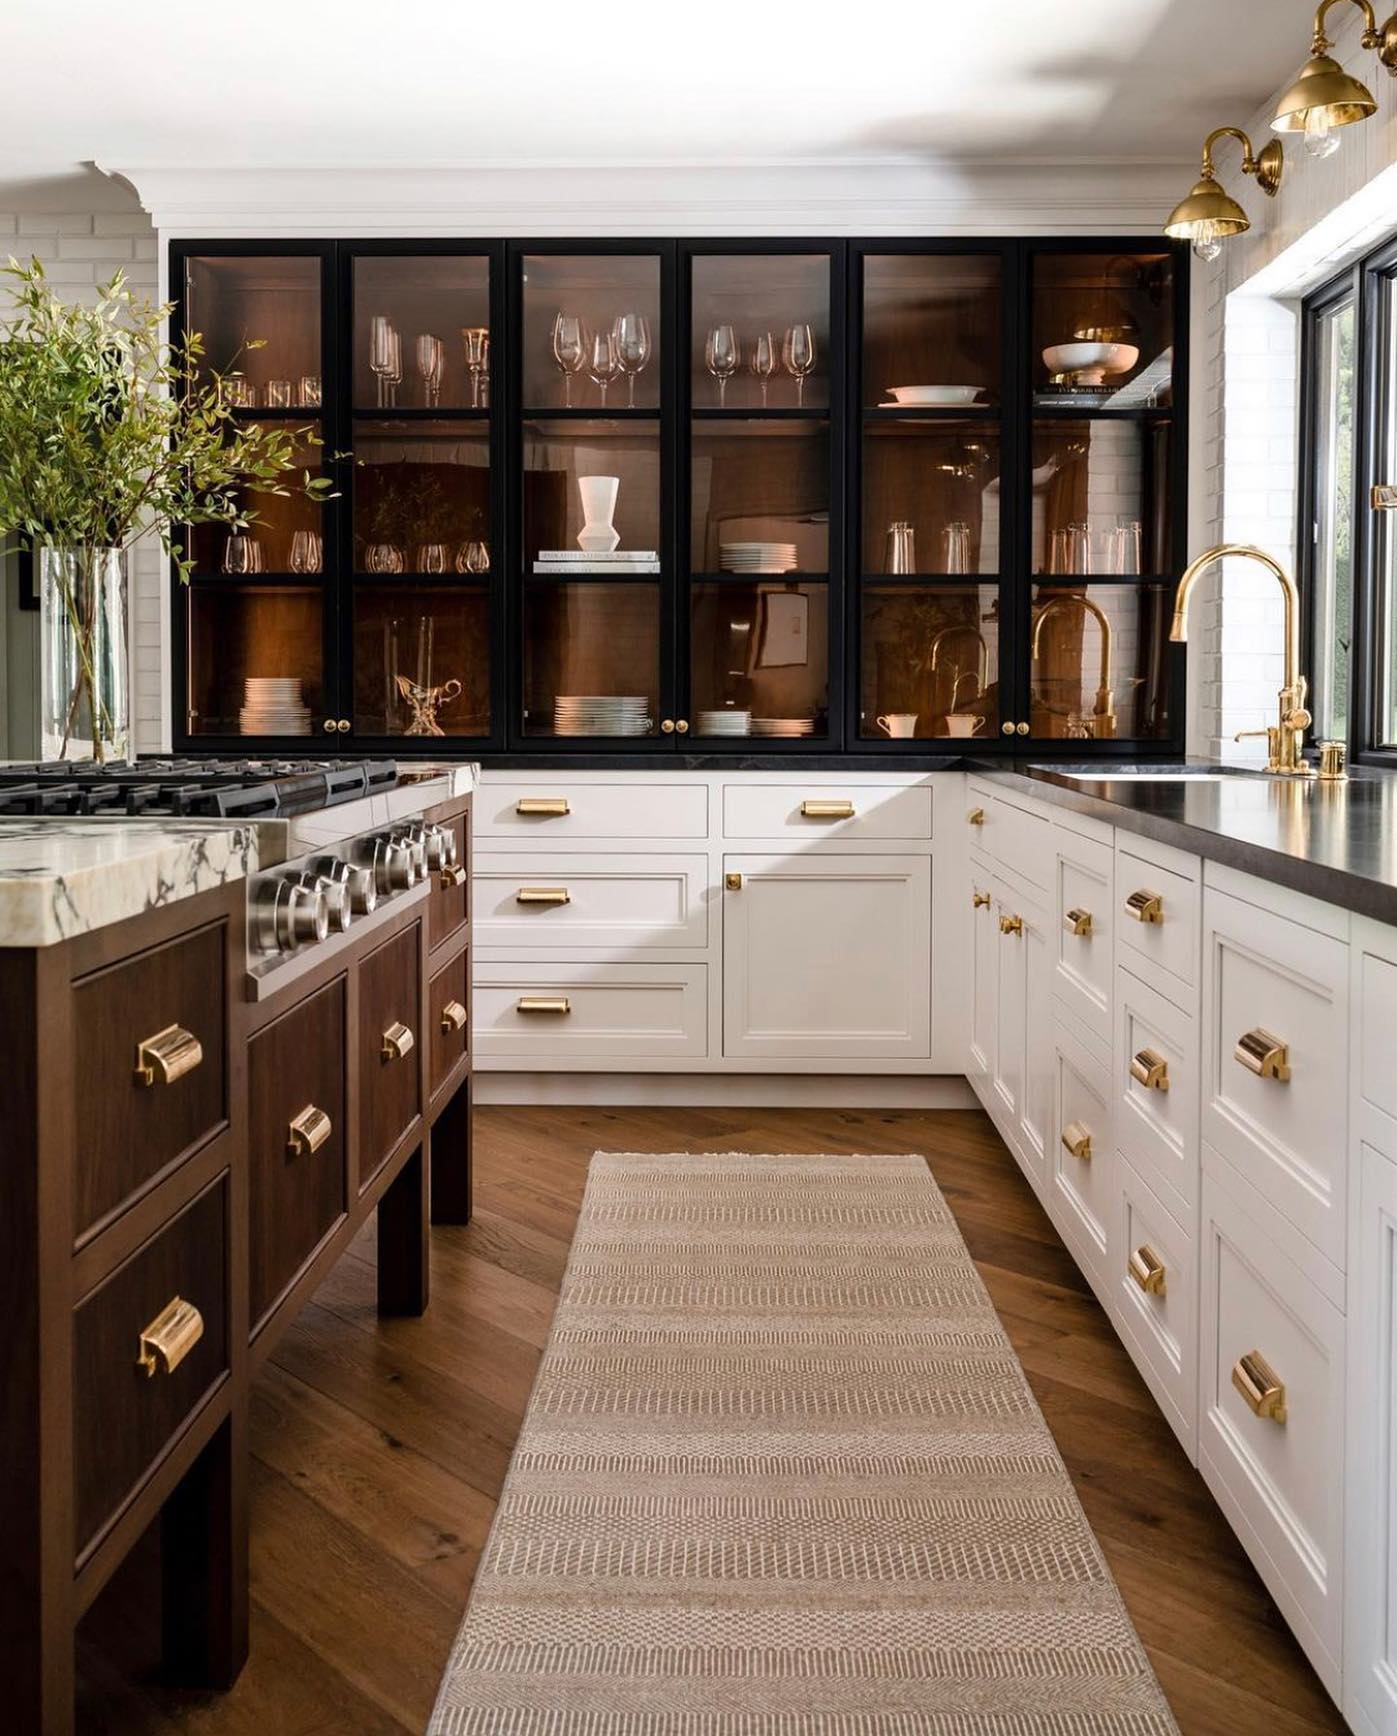 Source:  Precision Cabinetry and Design, Rancho Cordova, CA